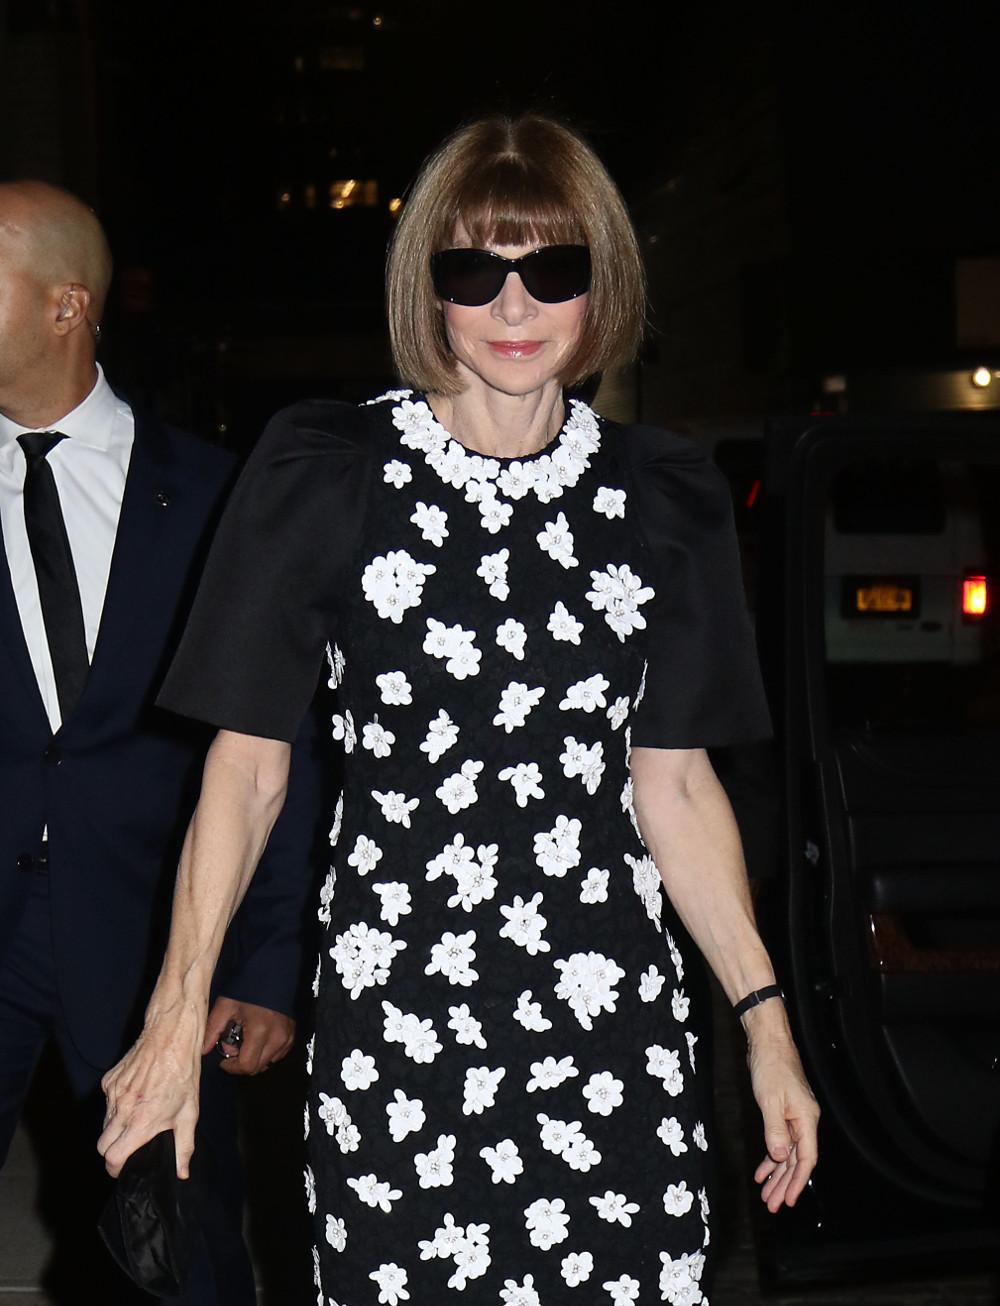 Στις συζητήσεις συμμετέχει και η Άννα Γουίντουρ προκειμένου η στήλη της Μέγκαν Μαρκλ να αναπαράγεται και στην αμερικανική έκδοση της Vogue